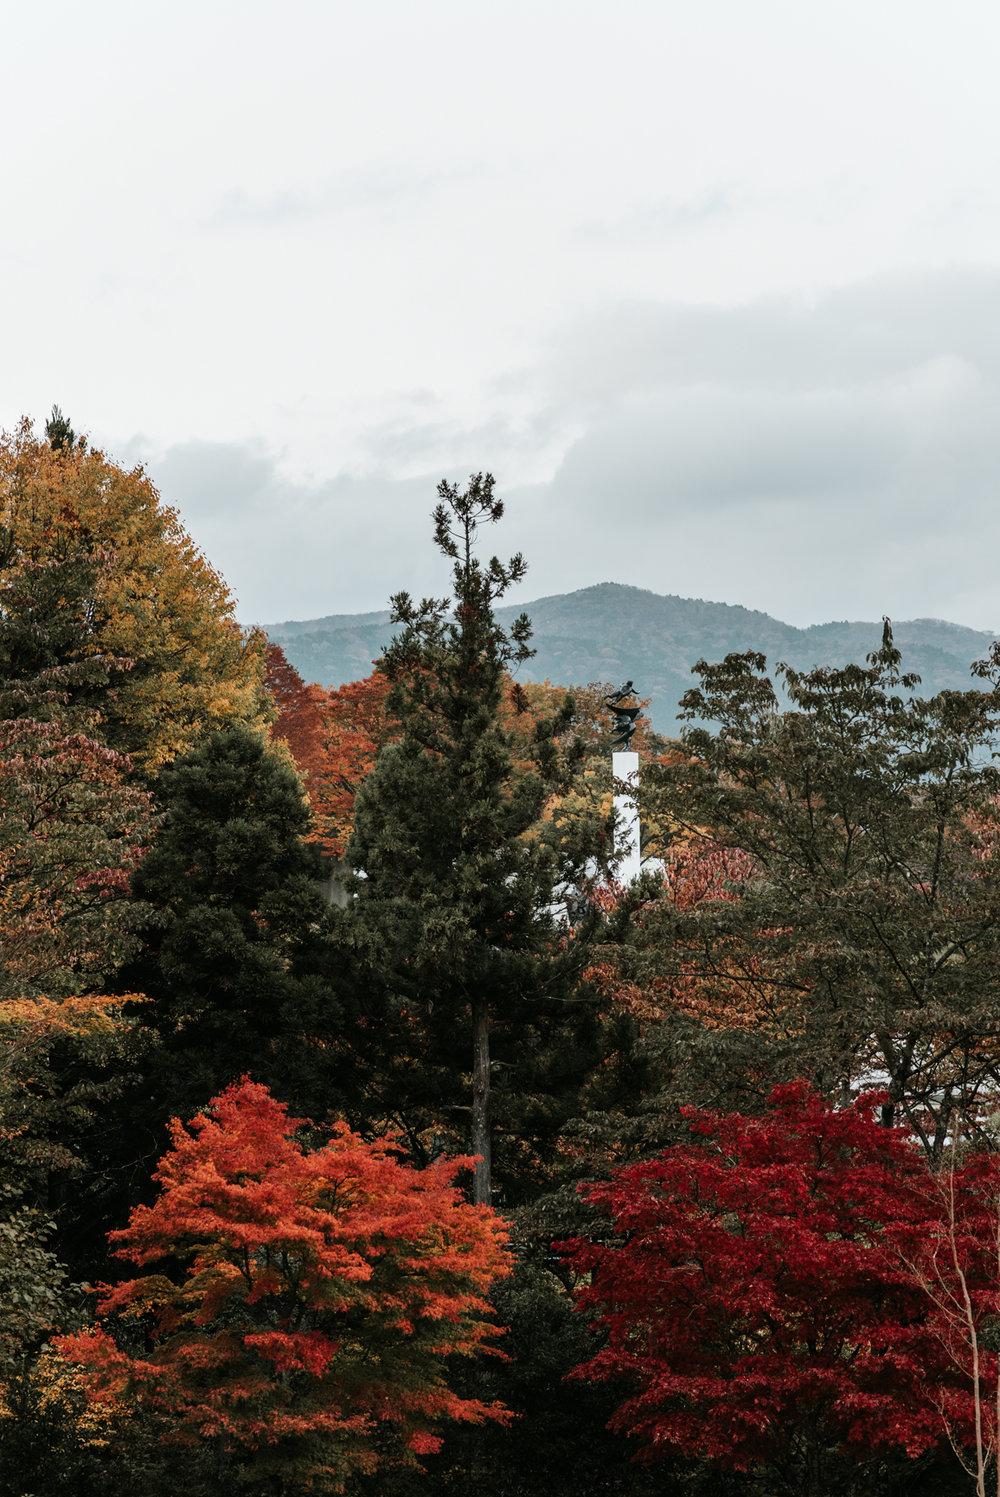 161118-Japan-5003207-162236-0268.jpg